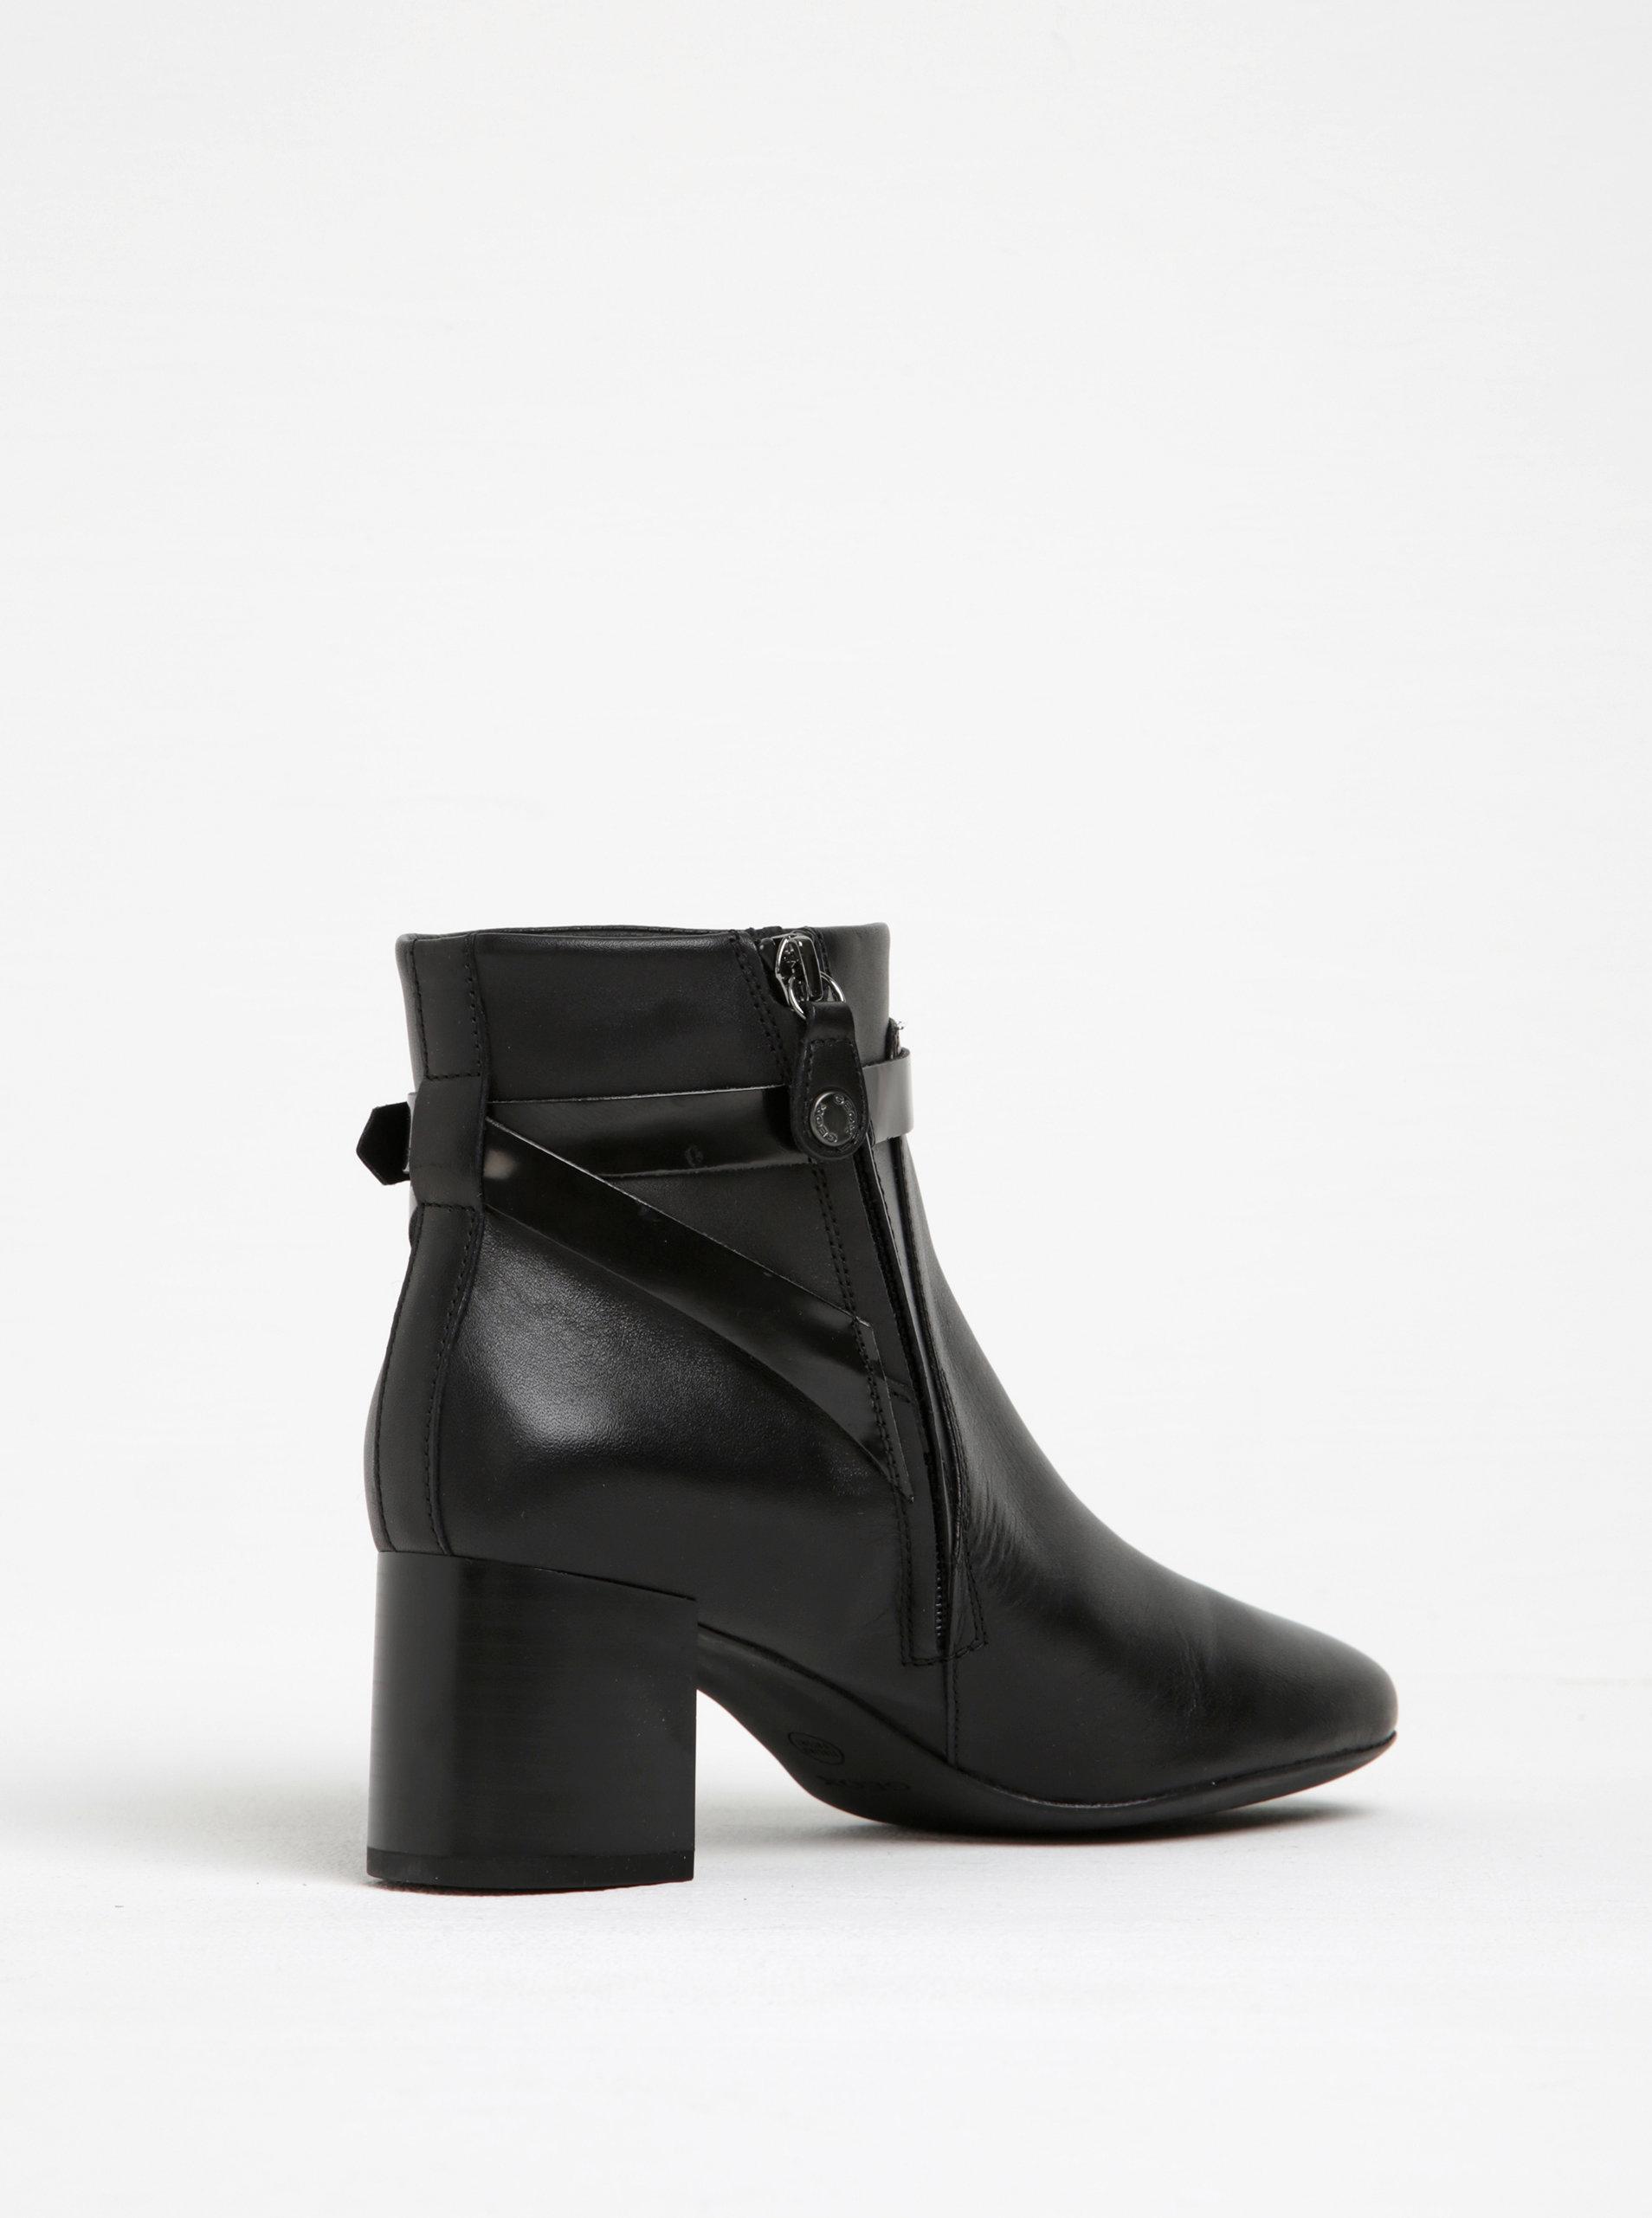 Černé dámské kožené kotníkové boty na podpatku Geox Audalies ... 82886688ef7